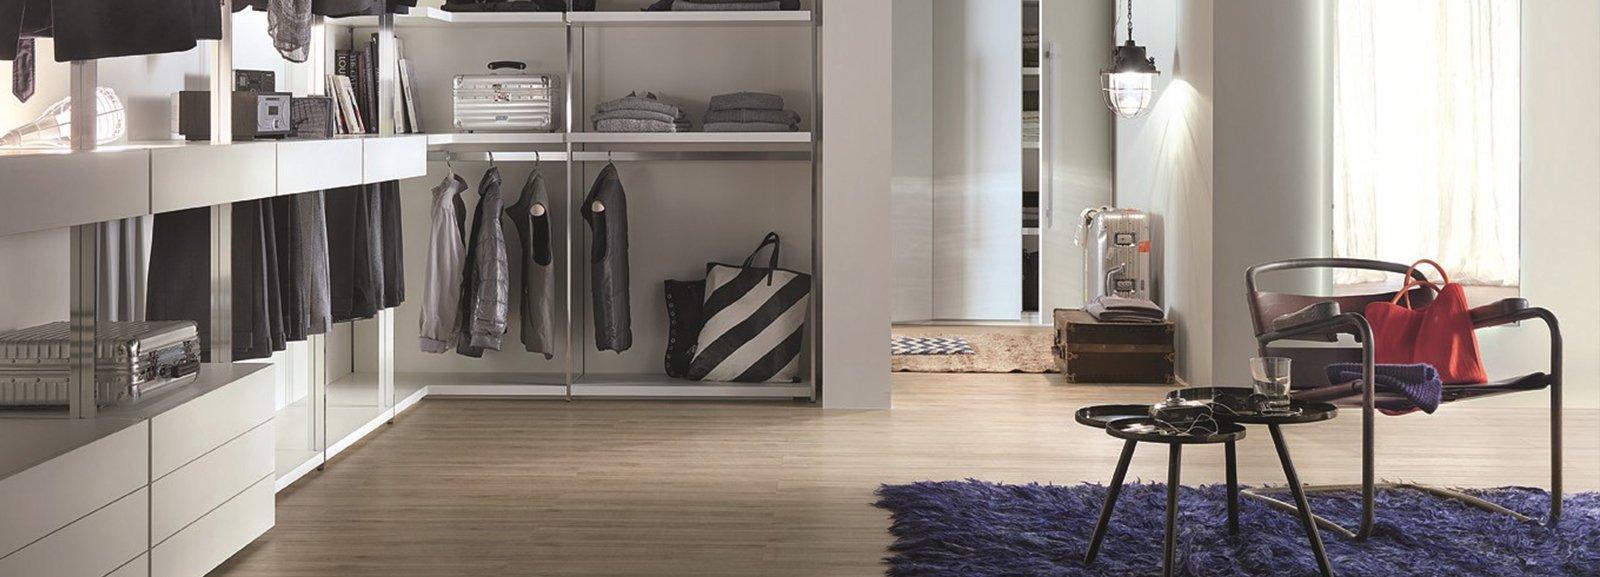 Cabine armadio progettiamo insieme lo spazio cose di casa - Idee cabine armadio ...